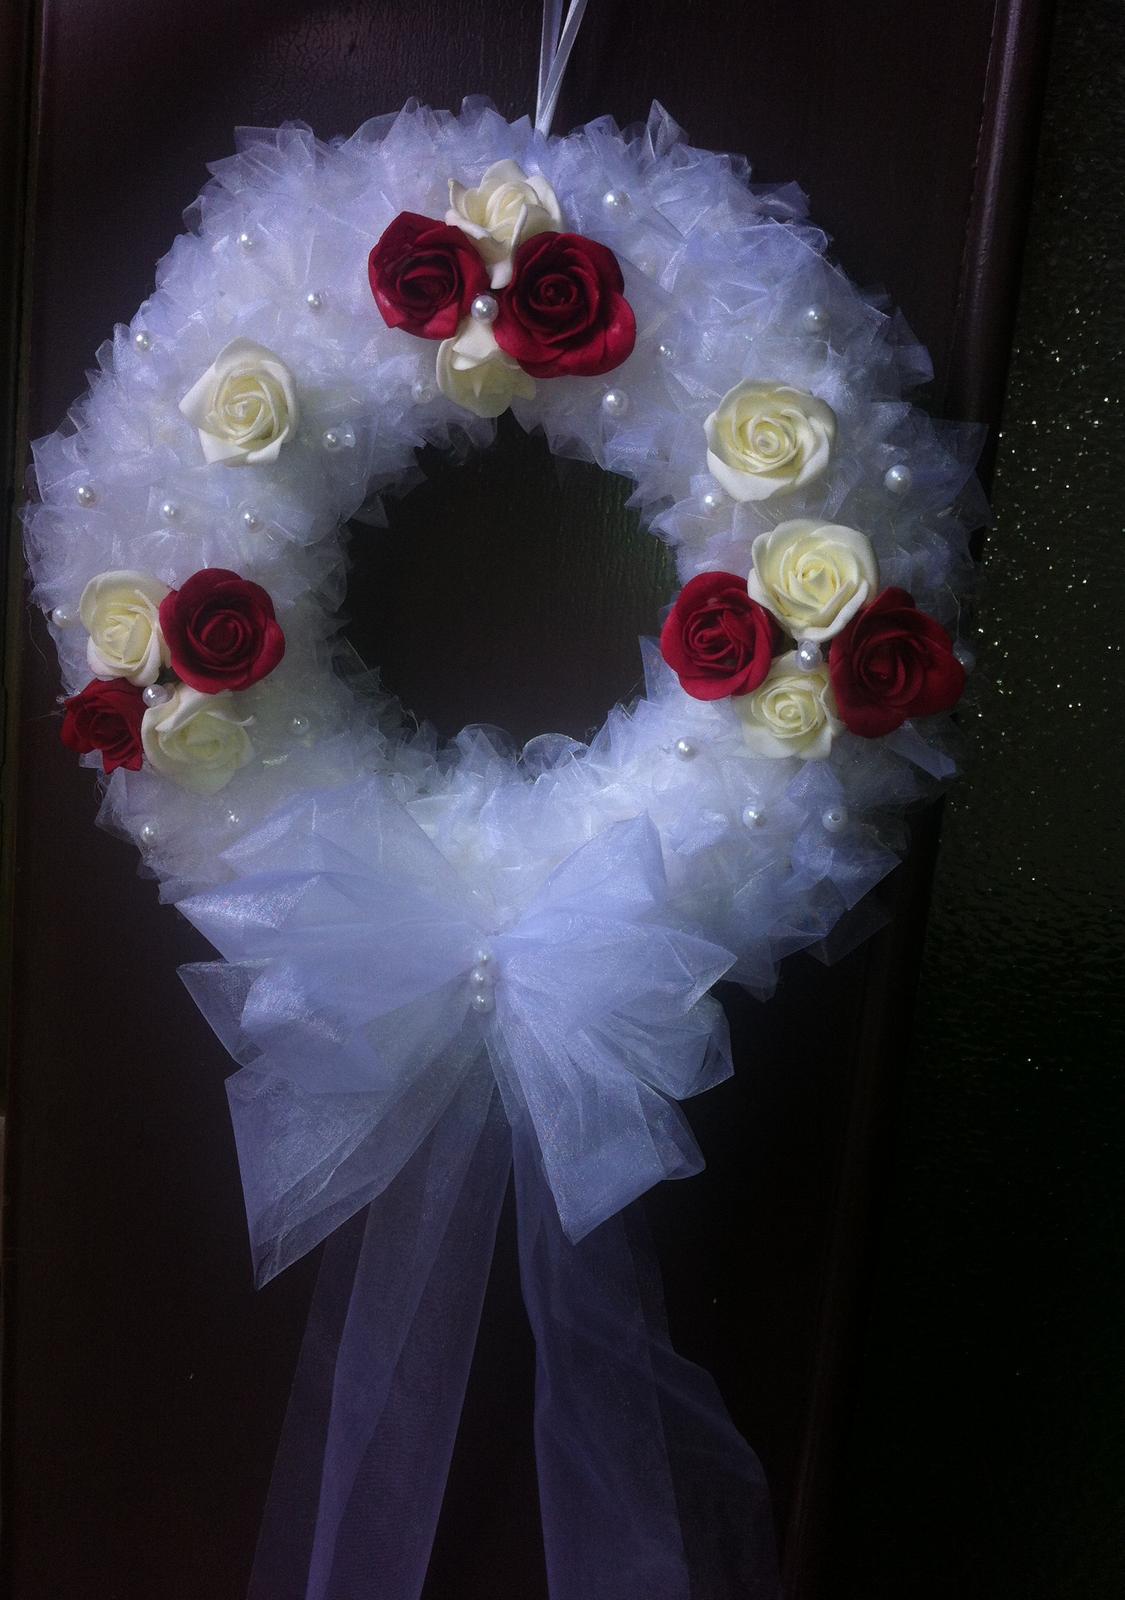 Netradiční svatební kytice - pěnové růžičky + polštářky pod prstýnky, košíčky - Obrázek č. 79